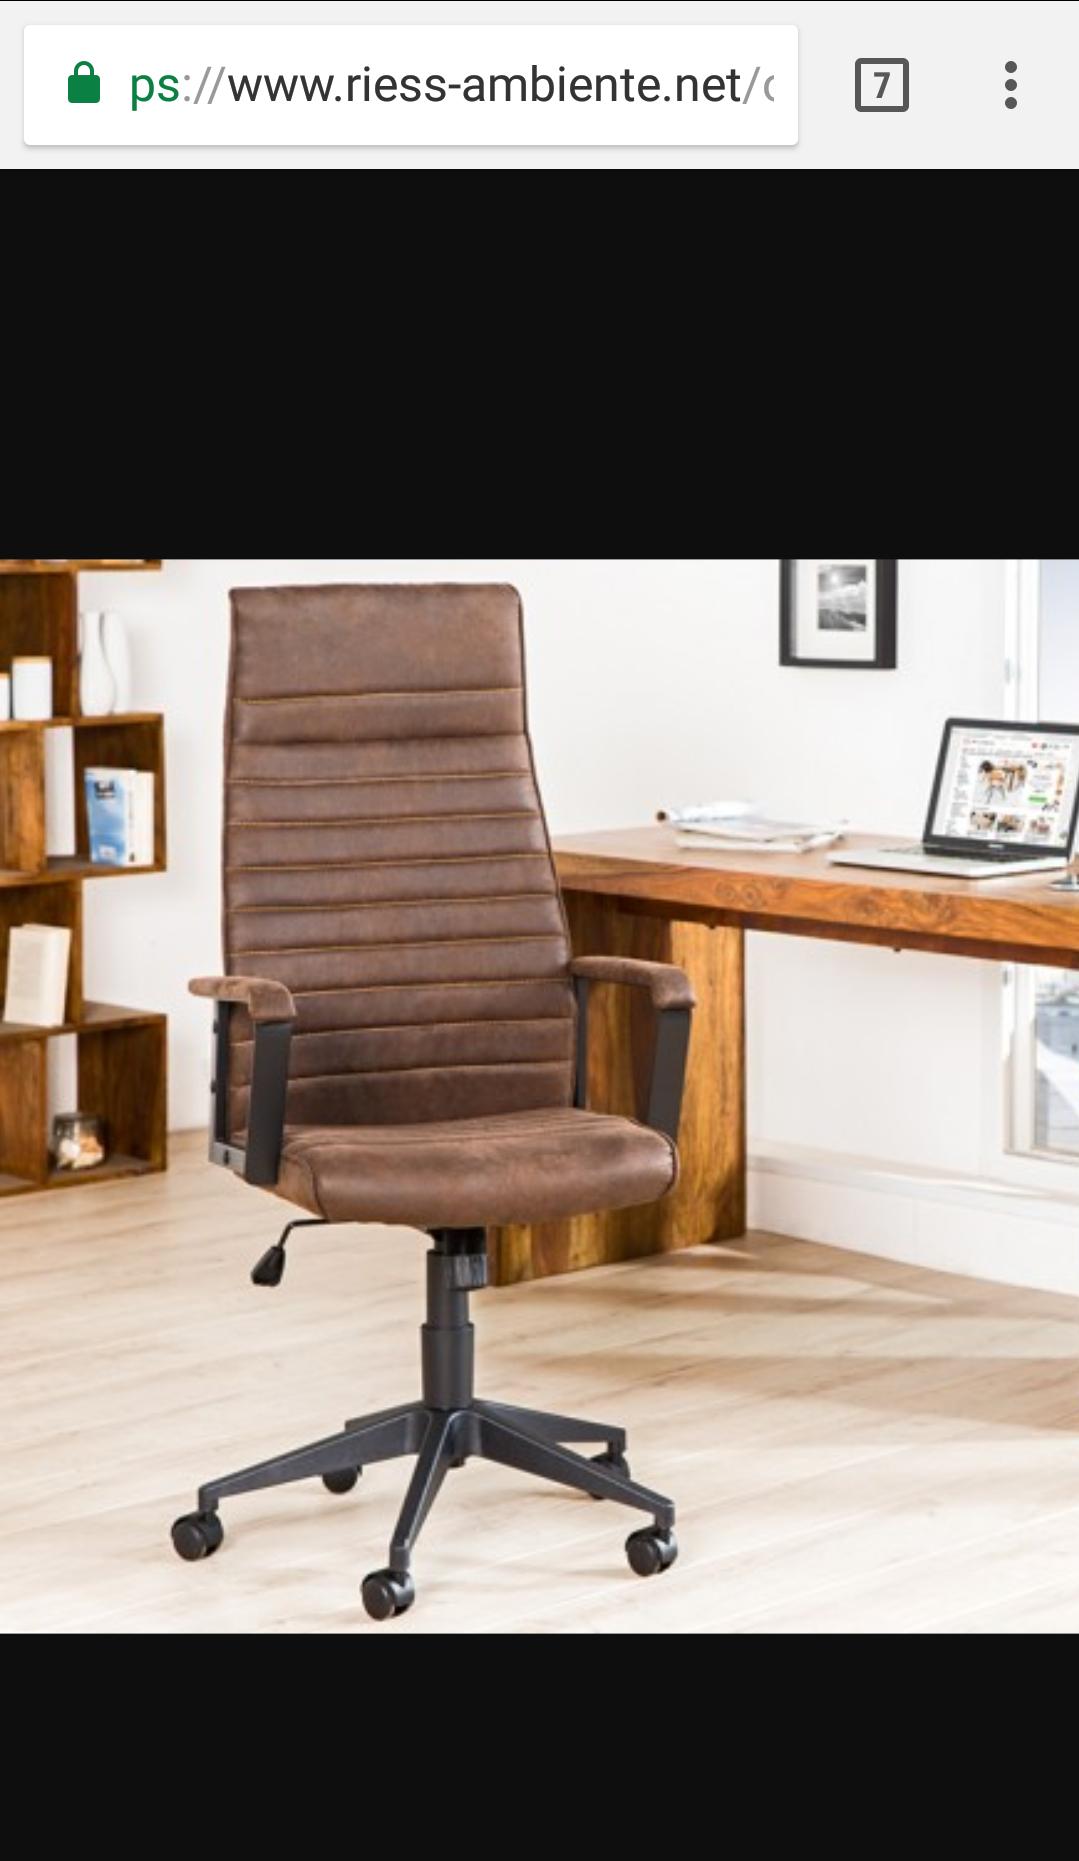 Schicke, extravagante Möbel bis zu 75% im Sale bei Riess-ambiente.net (bspw. abgebildeter Bürostuhl - 109,90€ statt 175,95€)!